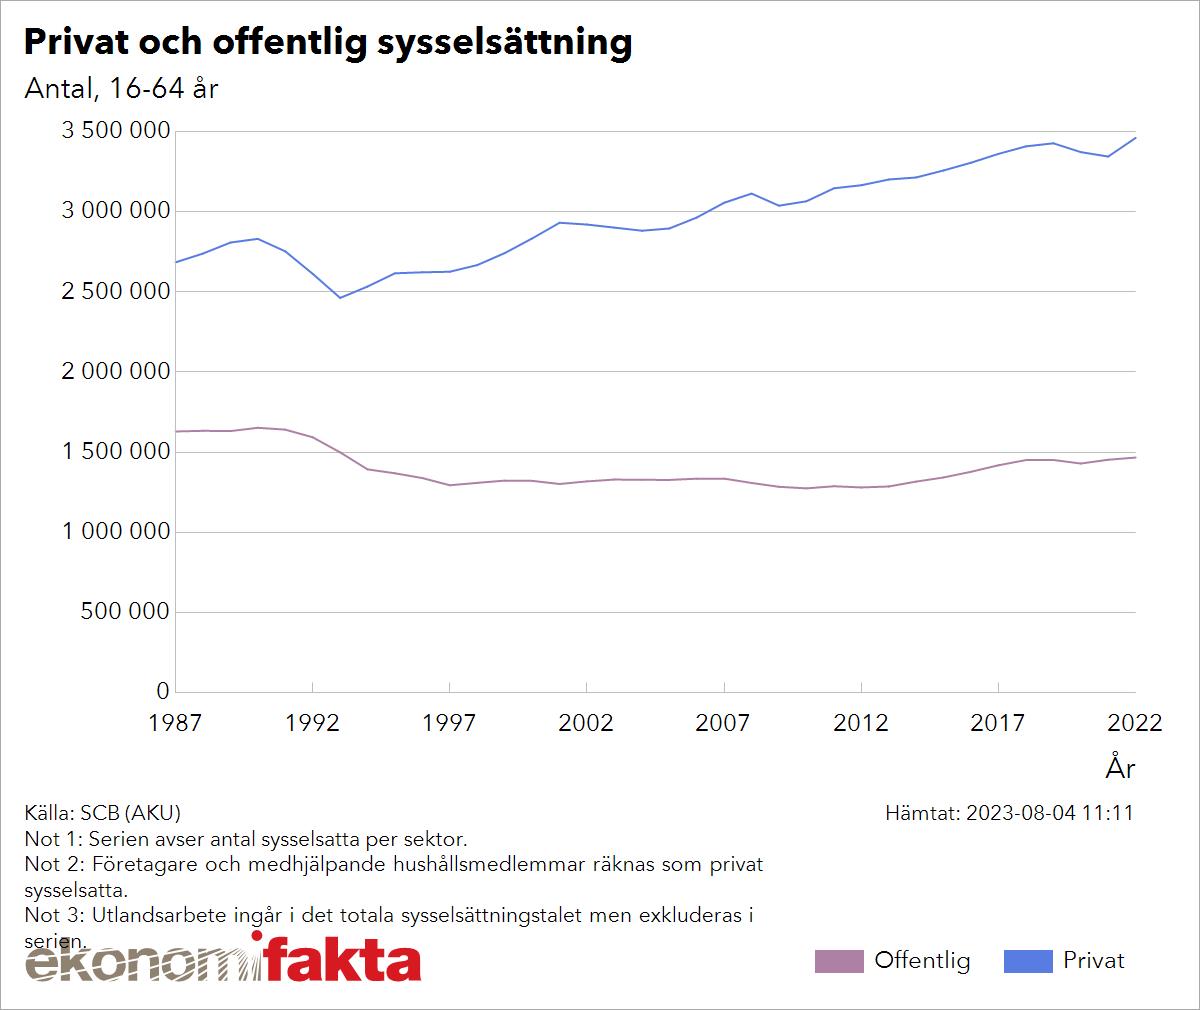 Anstallningar inom offentlig sektor minskar